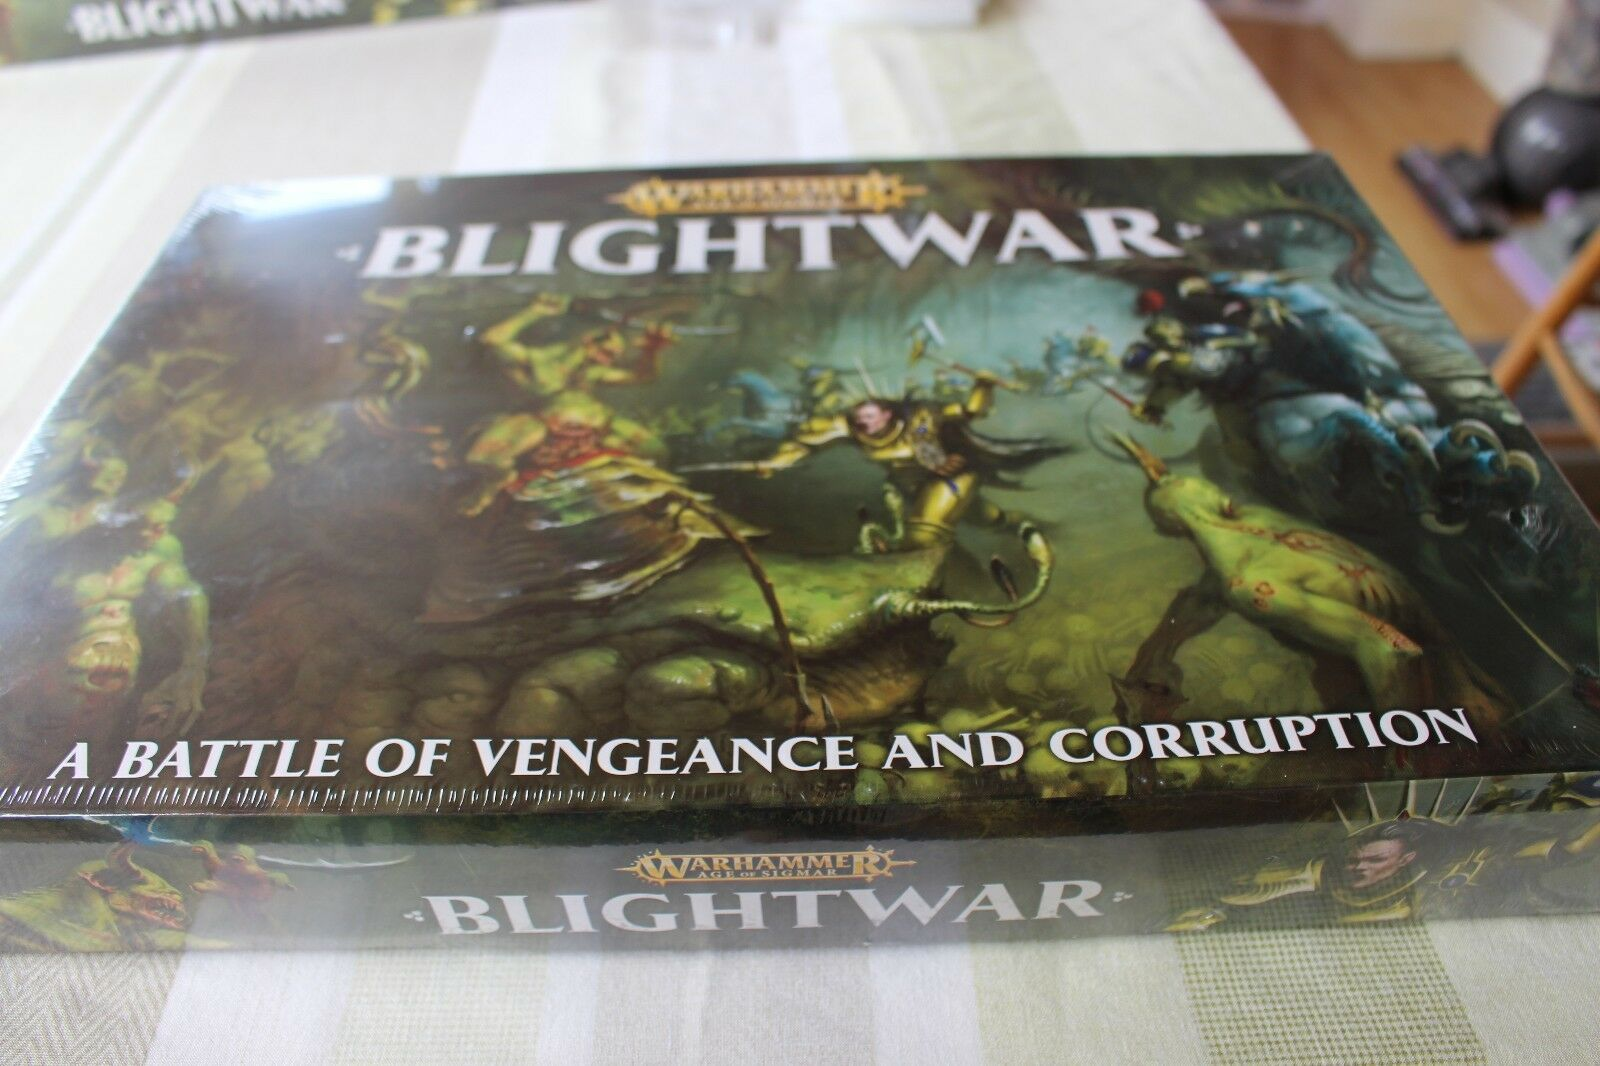 Juegos taller Warhammer blightwar Nuevo Y En Caja Nurgle vs stormcast los eternos Nuevo Y En Caja Nuevo GW